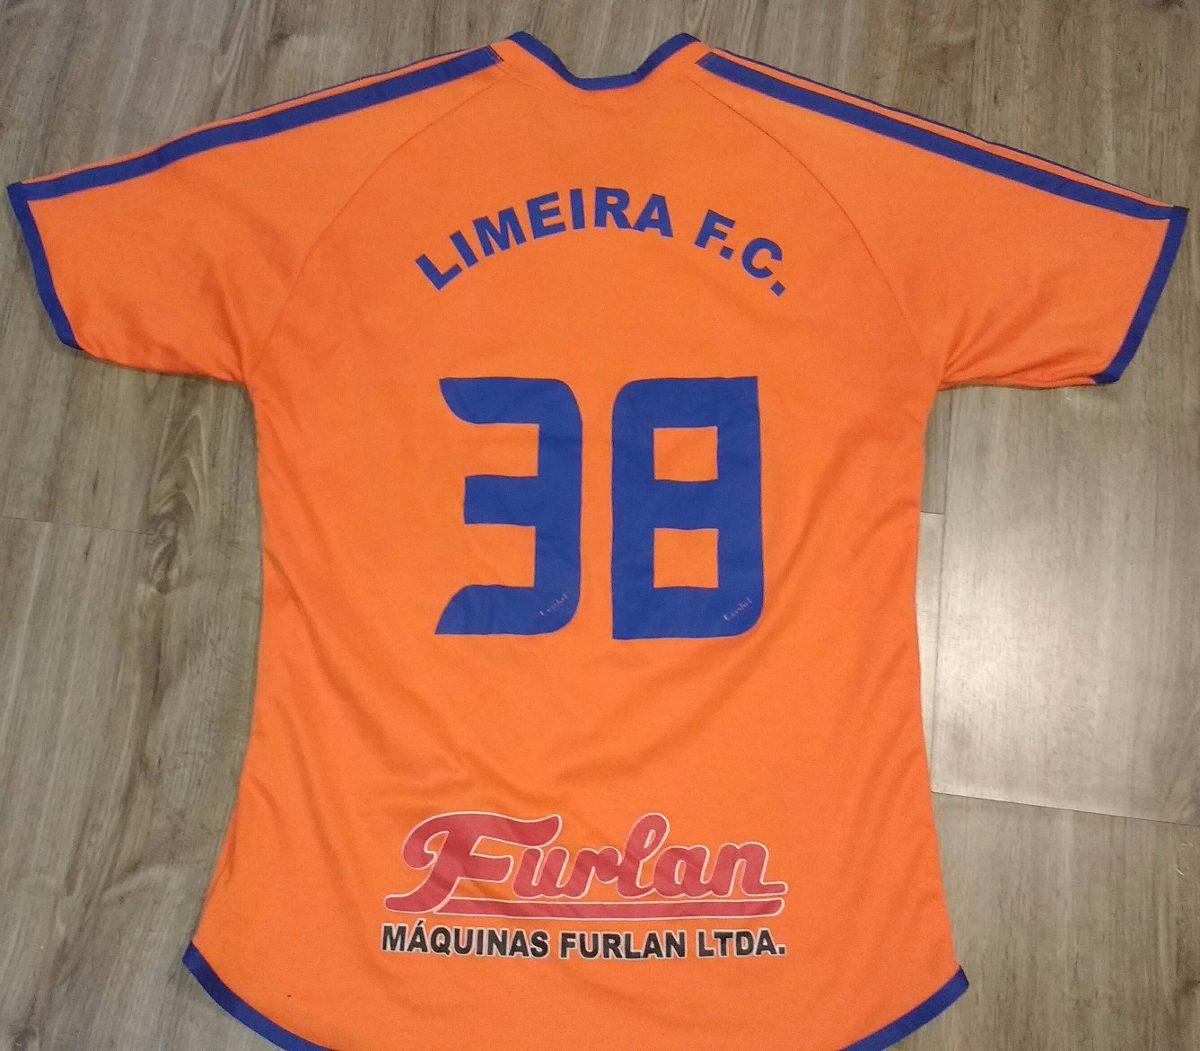 Camisa Do Limeira Futebol Clube Lfc - R  79 b0df7ab2e39e6